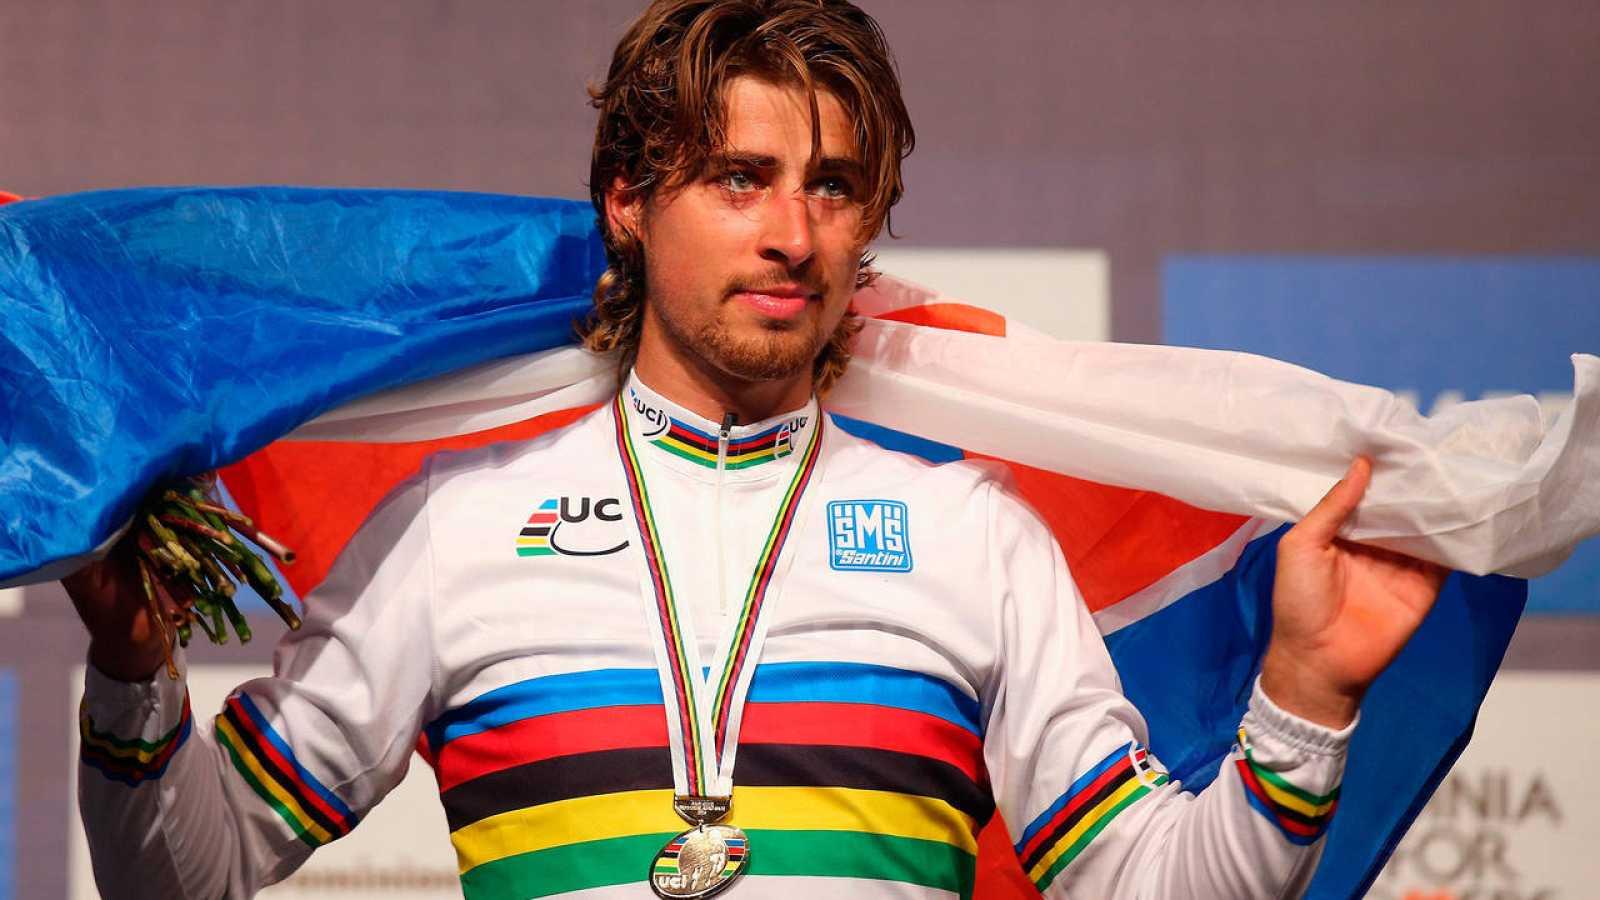 Peter Sagan, campeón del mundo de ciclismo en ruta